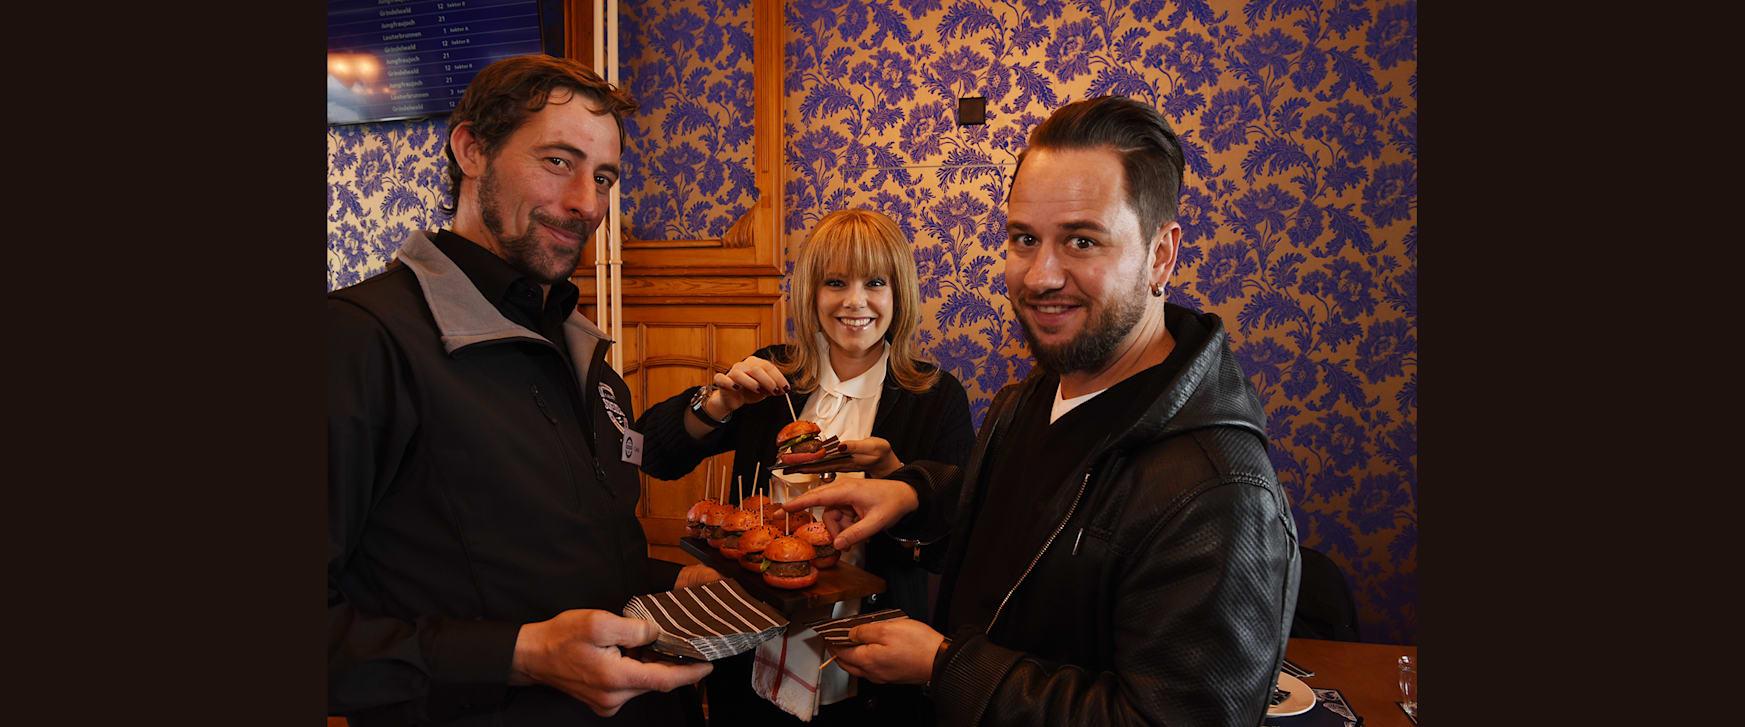 Francine Jordi und Marc Trauffer werden in der Eigerstube verwoehnt